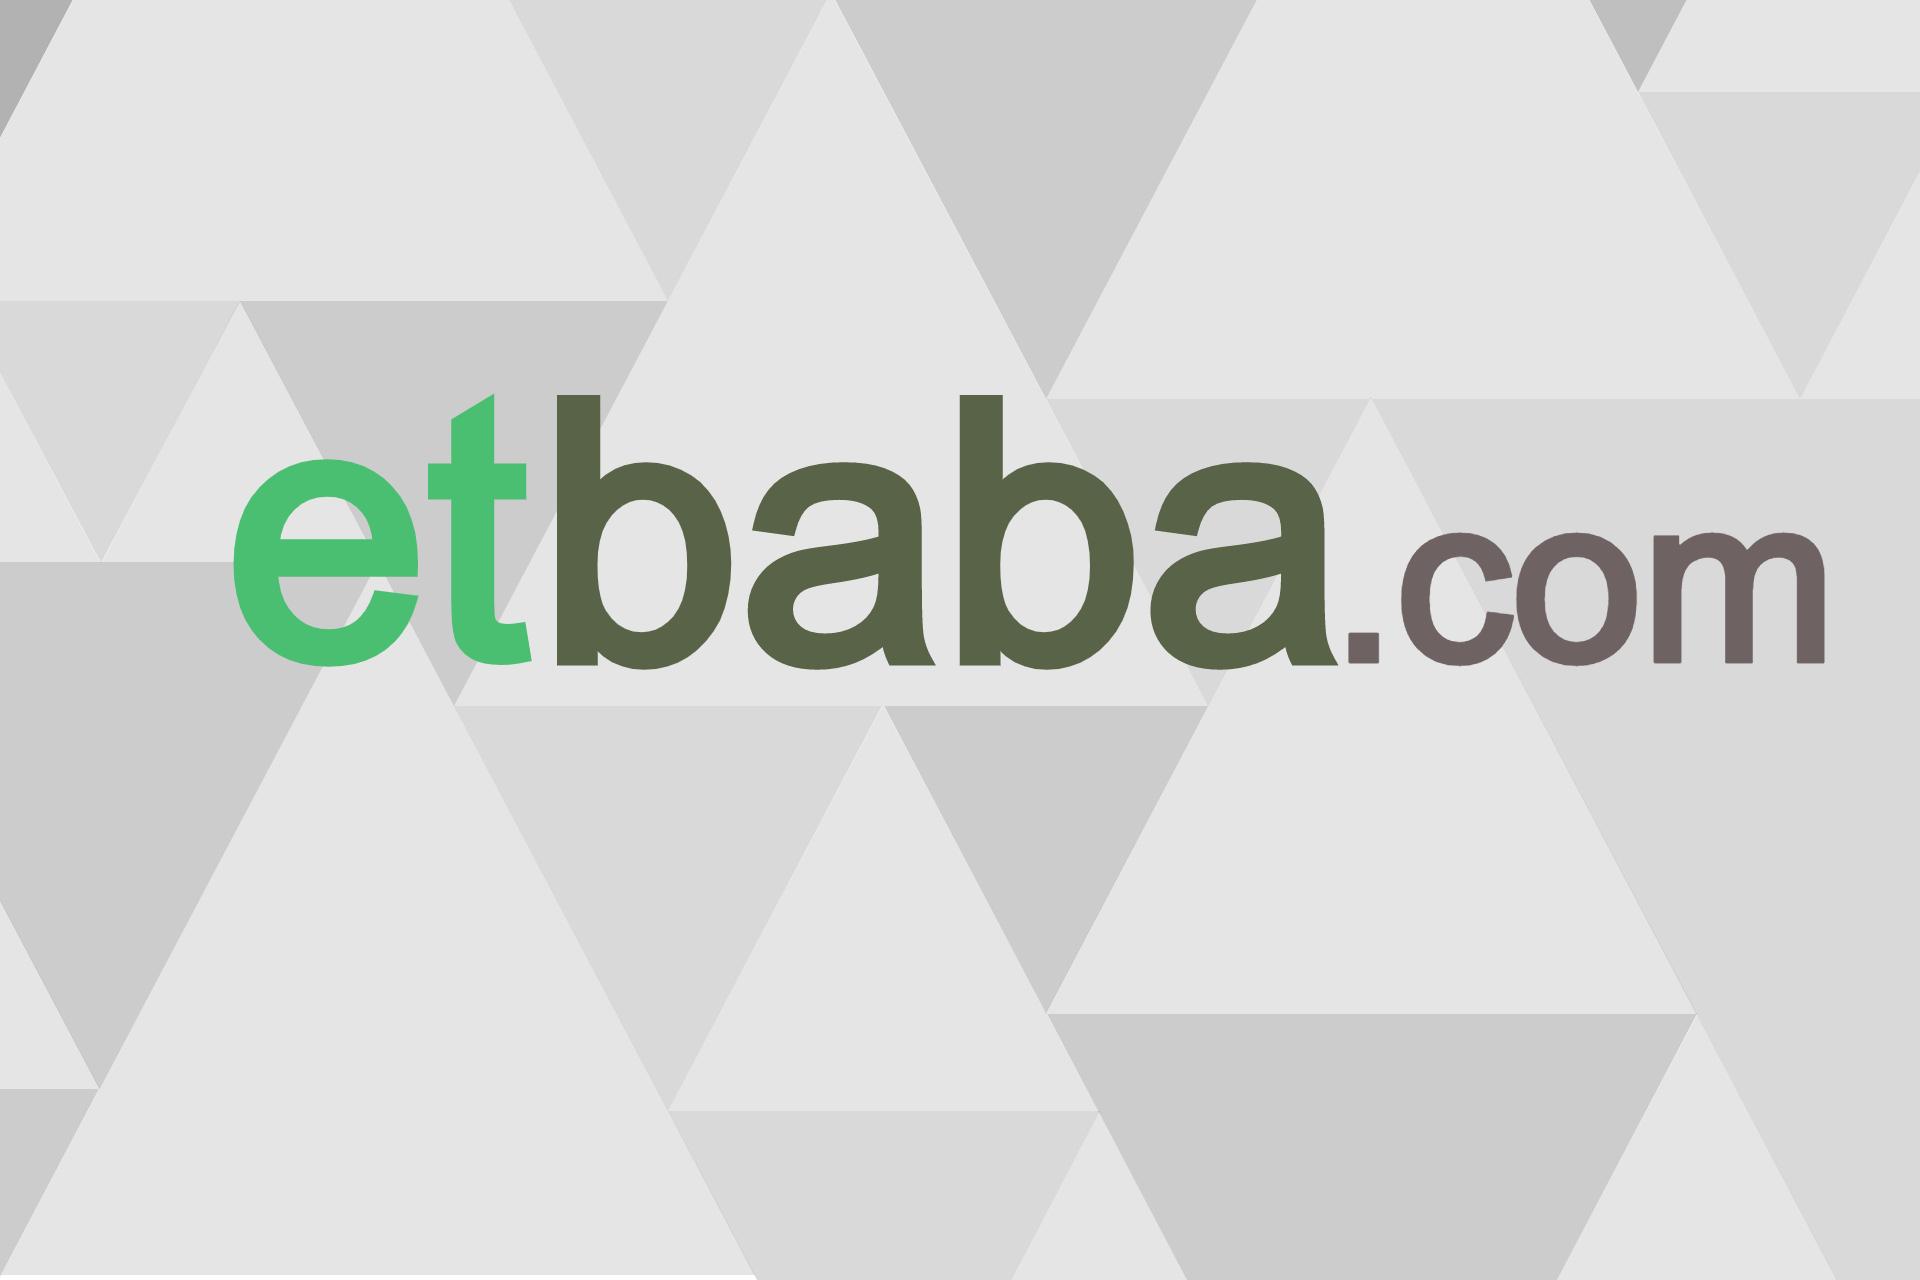 etbaba